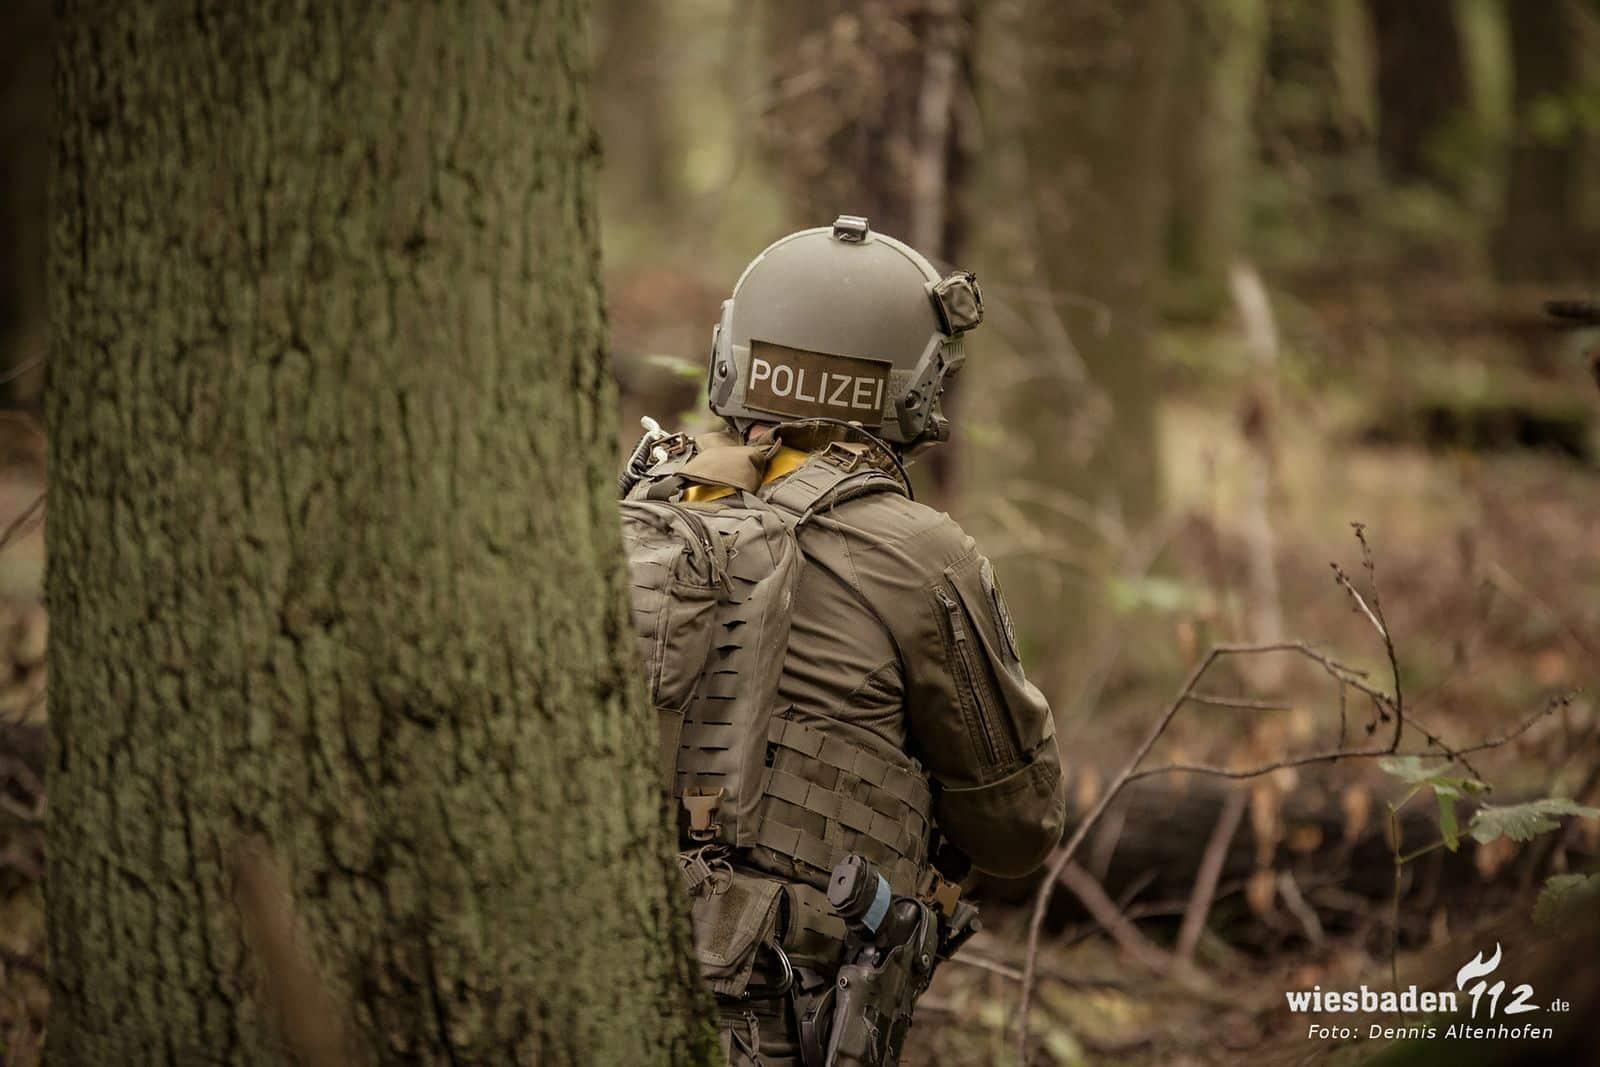 Mensch in Polizei-Einsatzkleidung steht im Wald, den Rücken zum Betrachter gedreht.